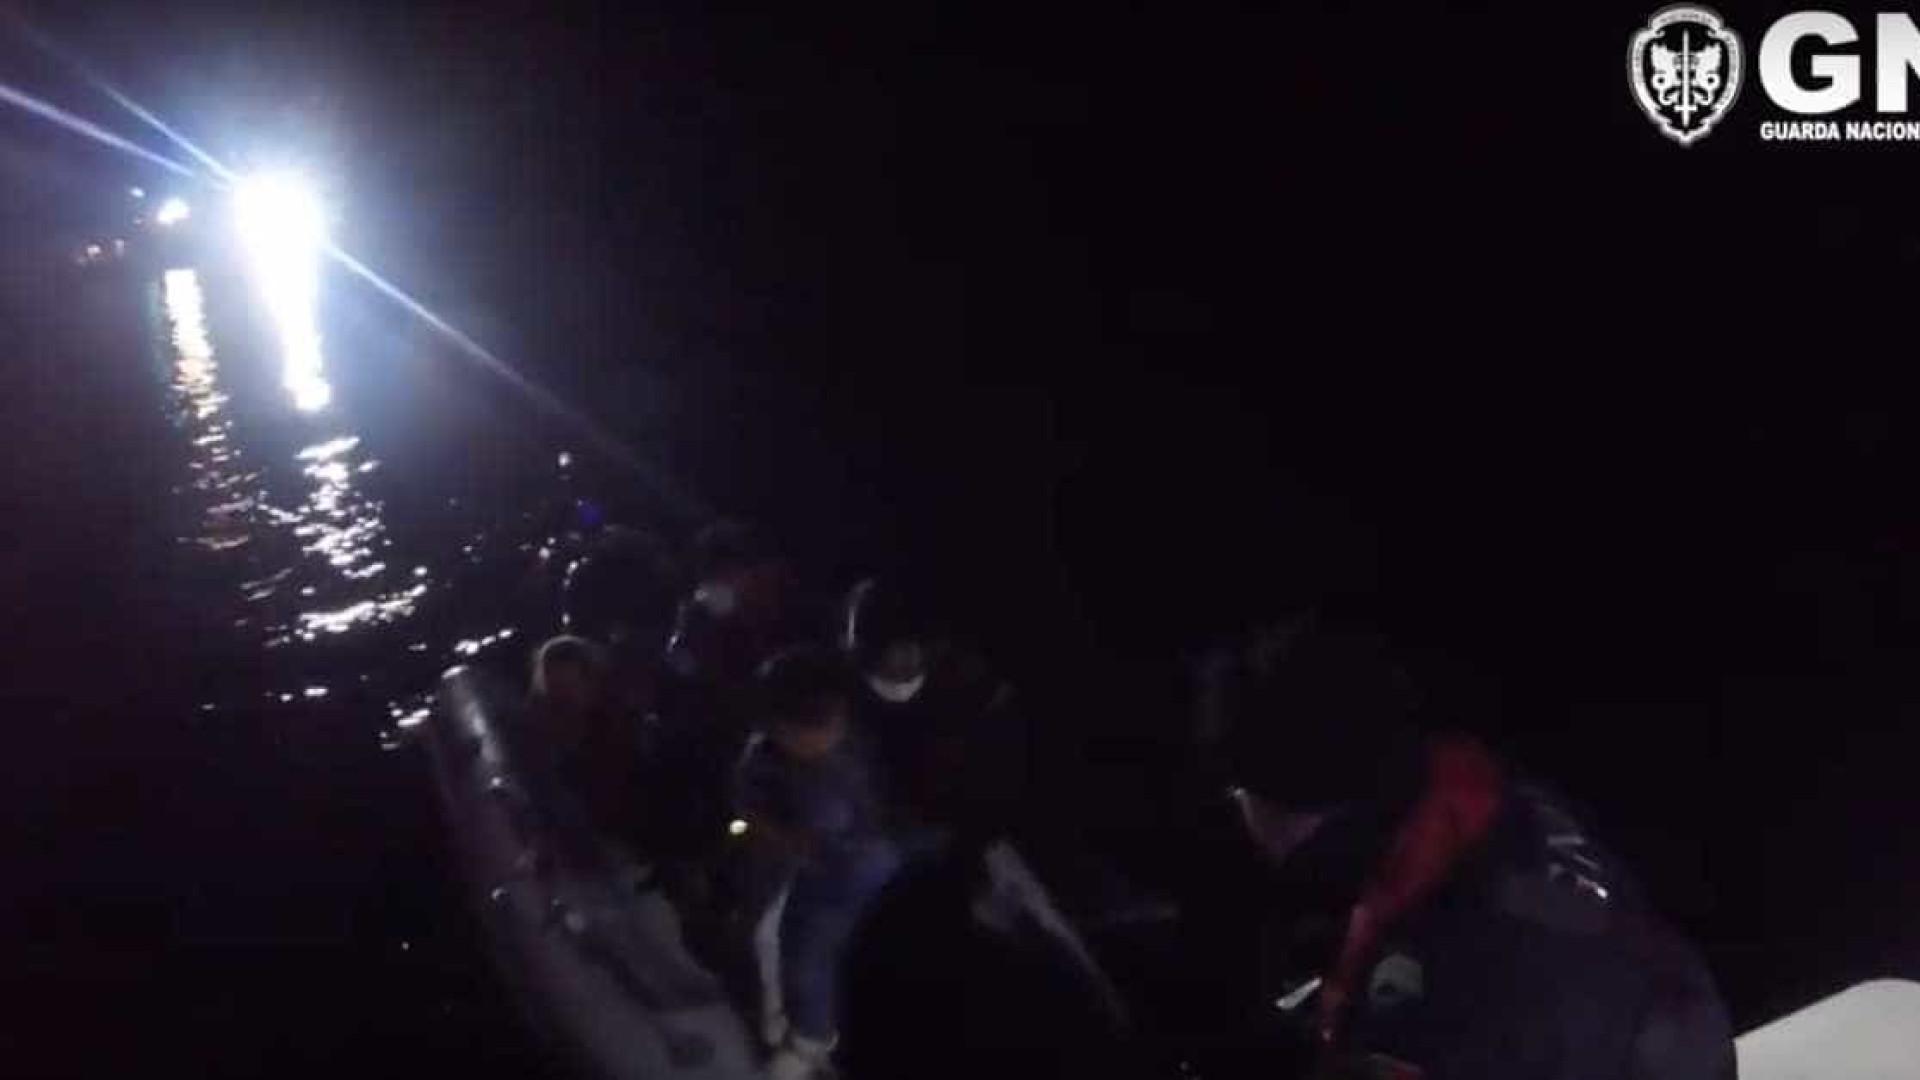 GNR resgata 14 migrantes na Grécia. Metade são crianças